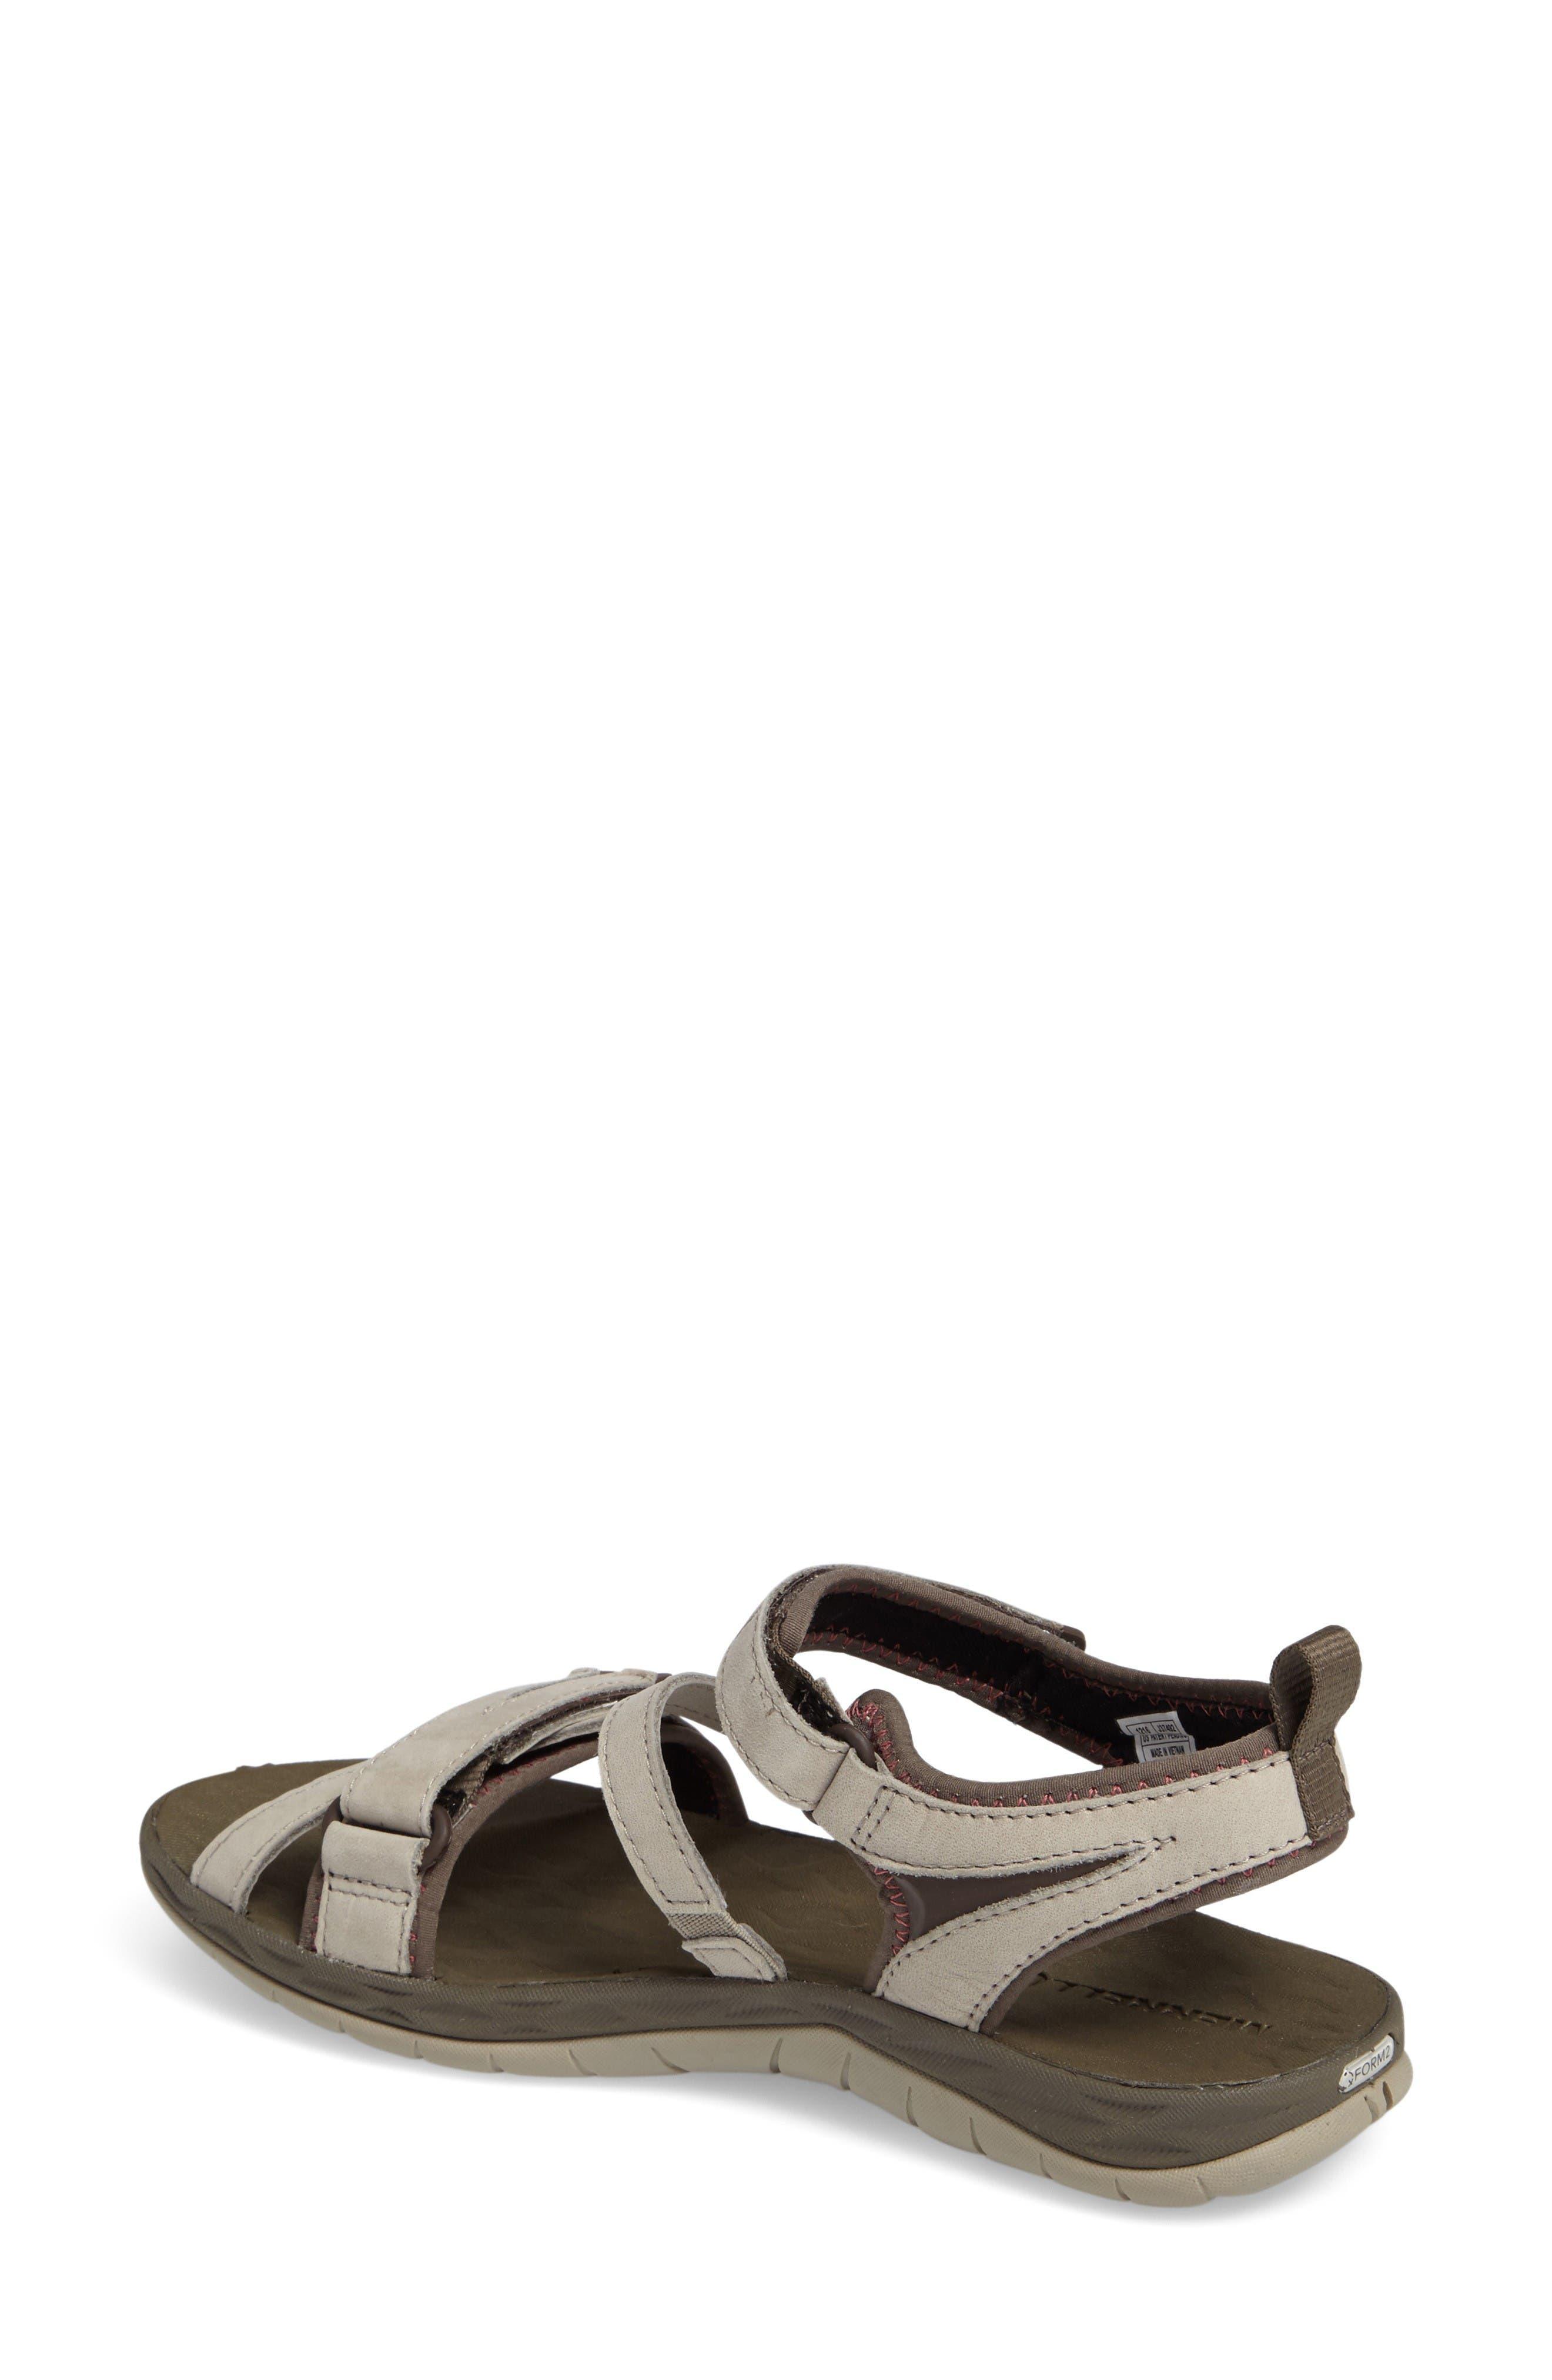 Alternate Image 2  - Merrell Siren Water Friendly Sport Sandal (Women)